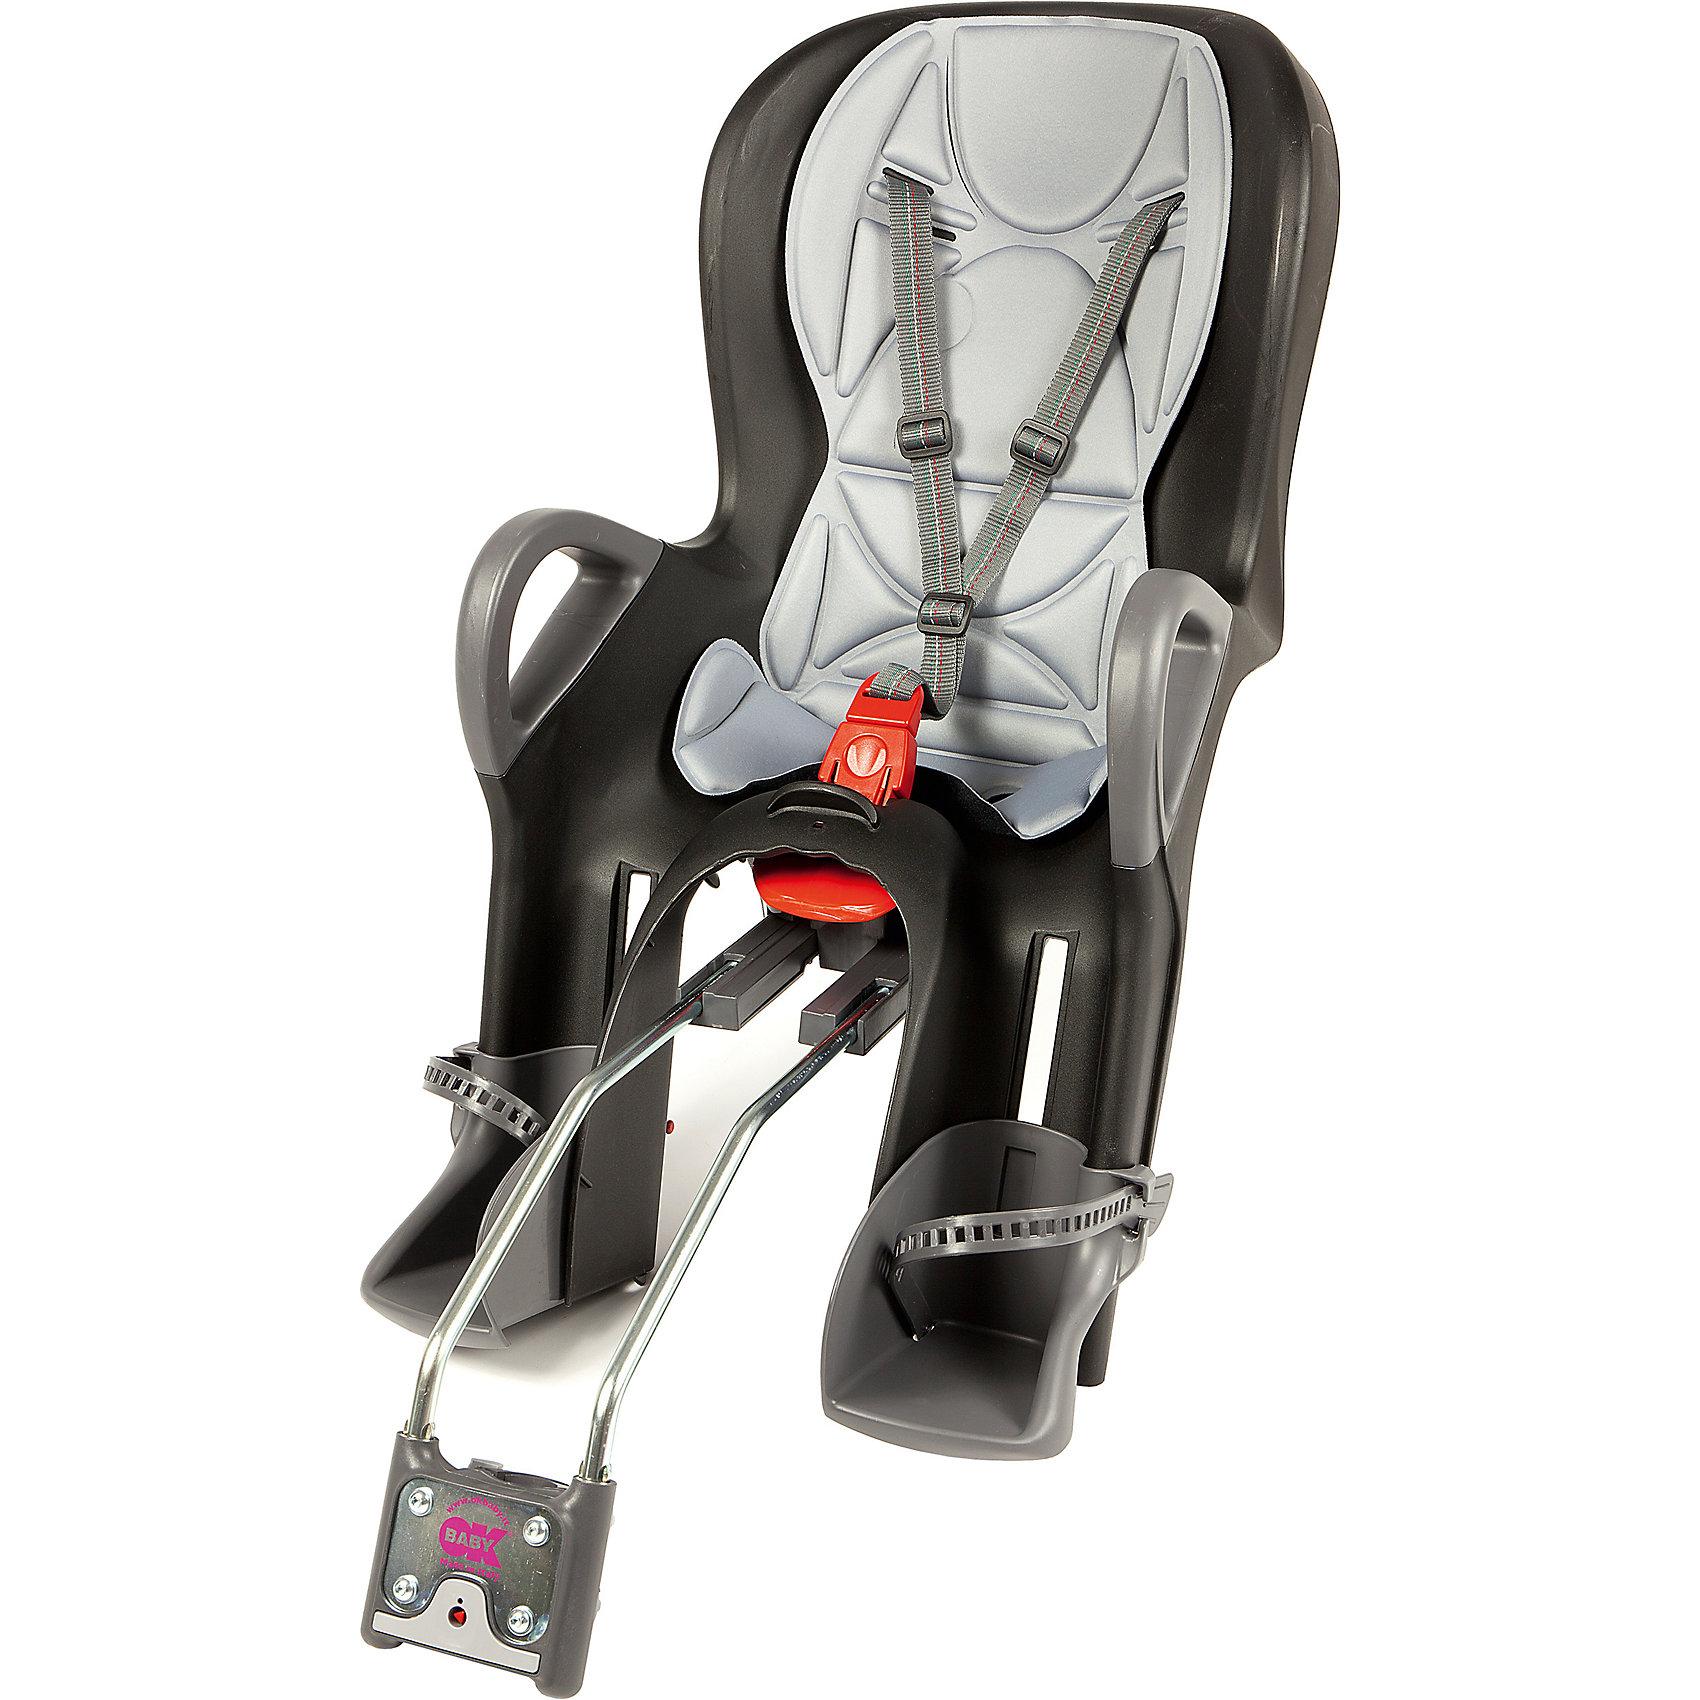 Велосипедное кресло 10+, черный/серый, Ok Baby (OK Baby)